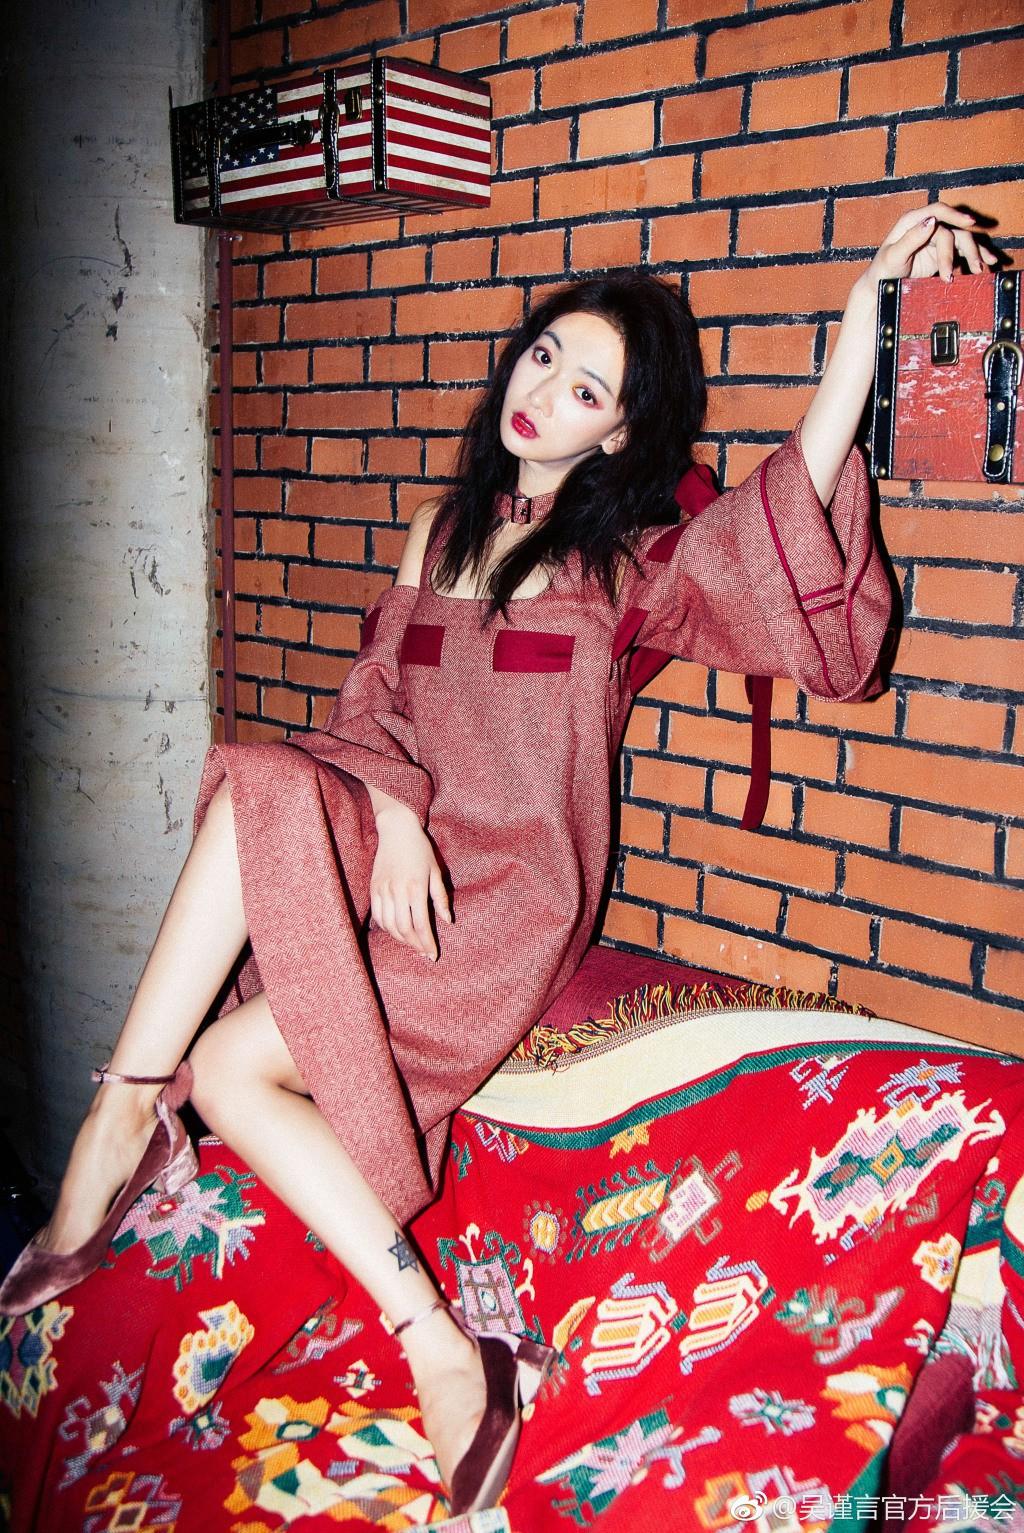 Cận cảnh nhan sắc đẹp - độc - lạ của Ngụy Anh Lạc Ngô Cẩn Ngôn trong drama hot 100 độ Diên Hi Công Lược - Ảnh 15.